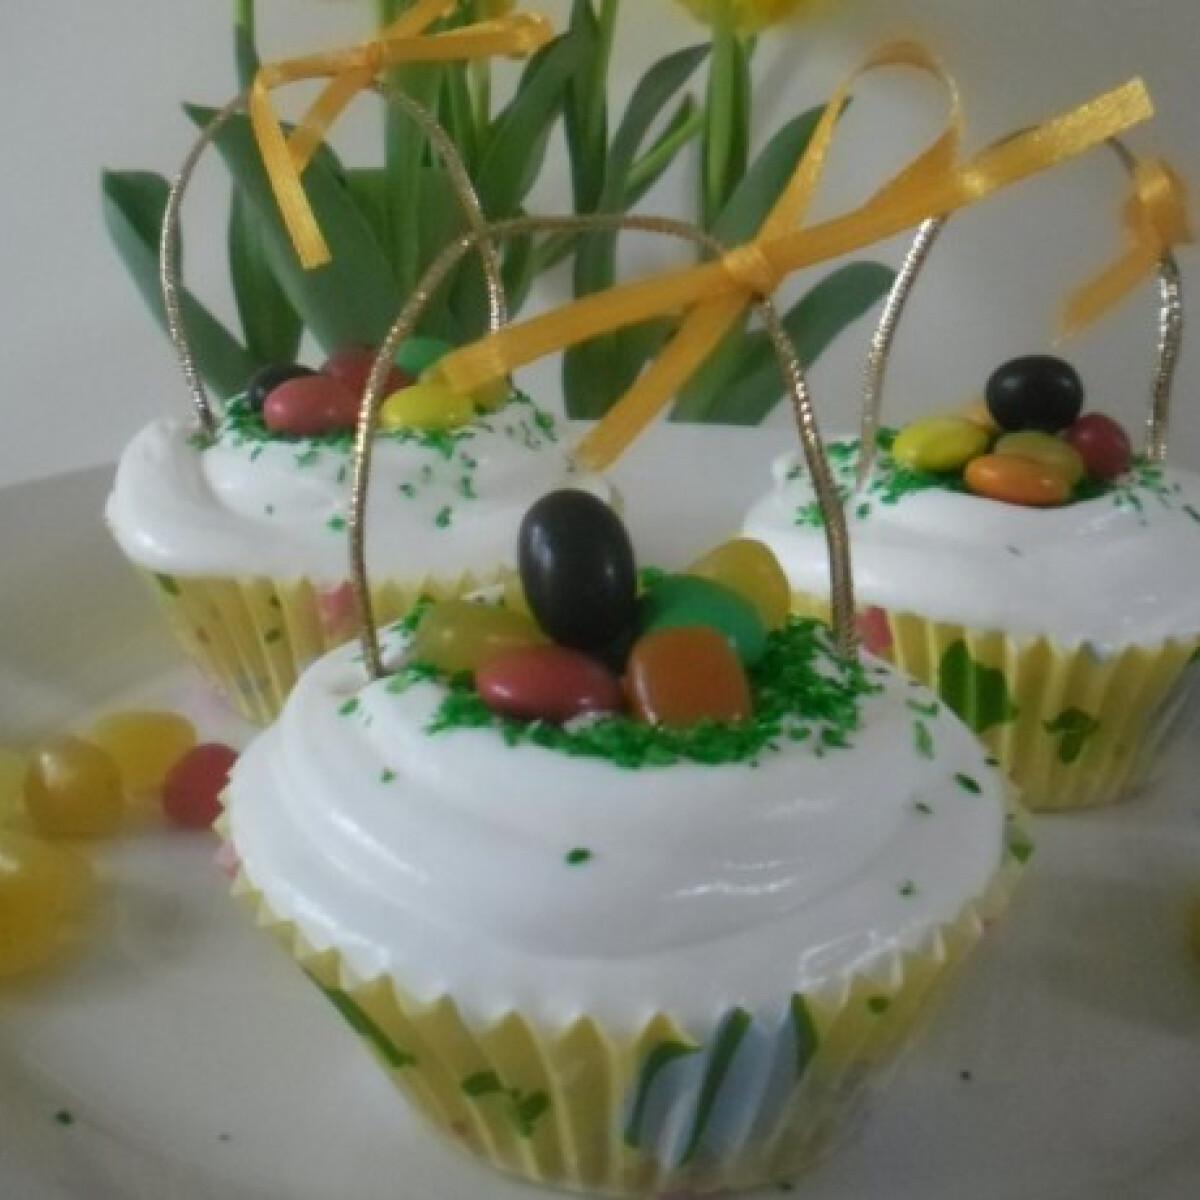 Ezen a képen: Húsvéti muffinkosár